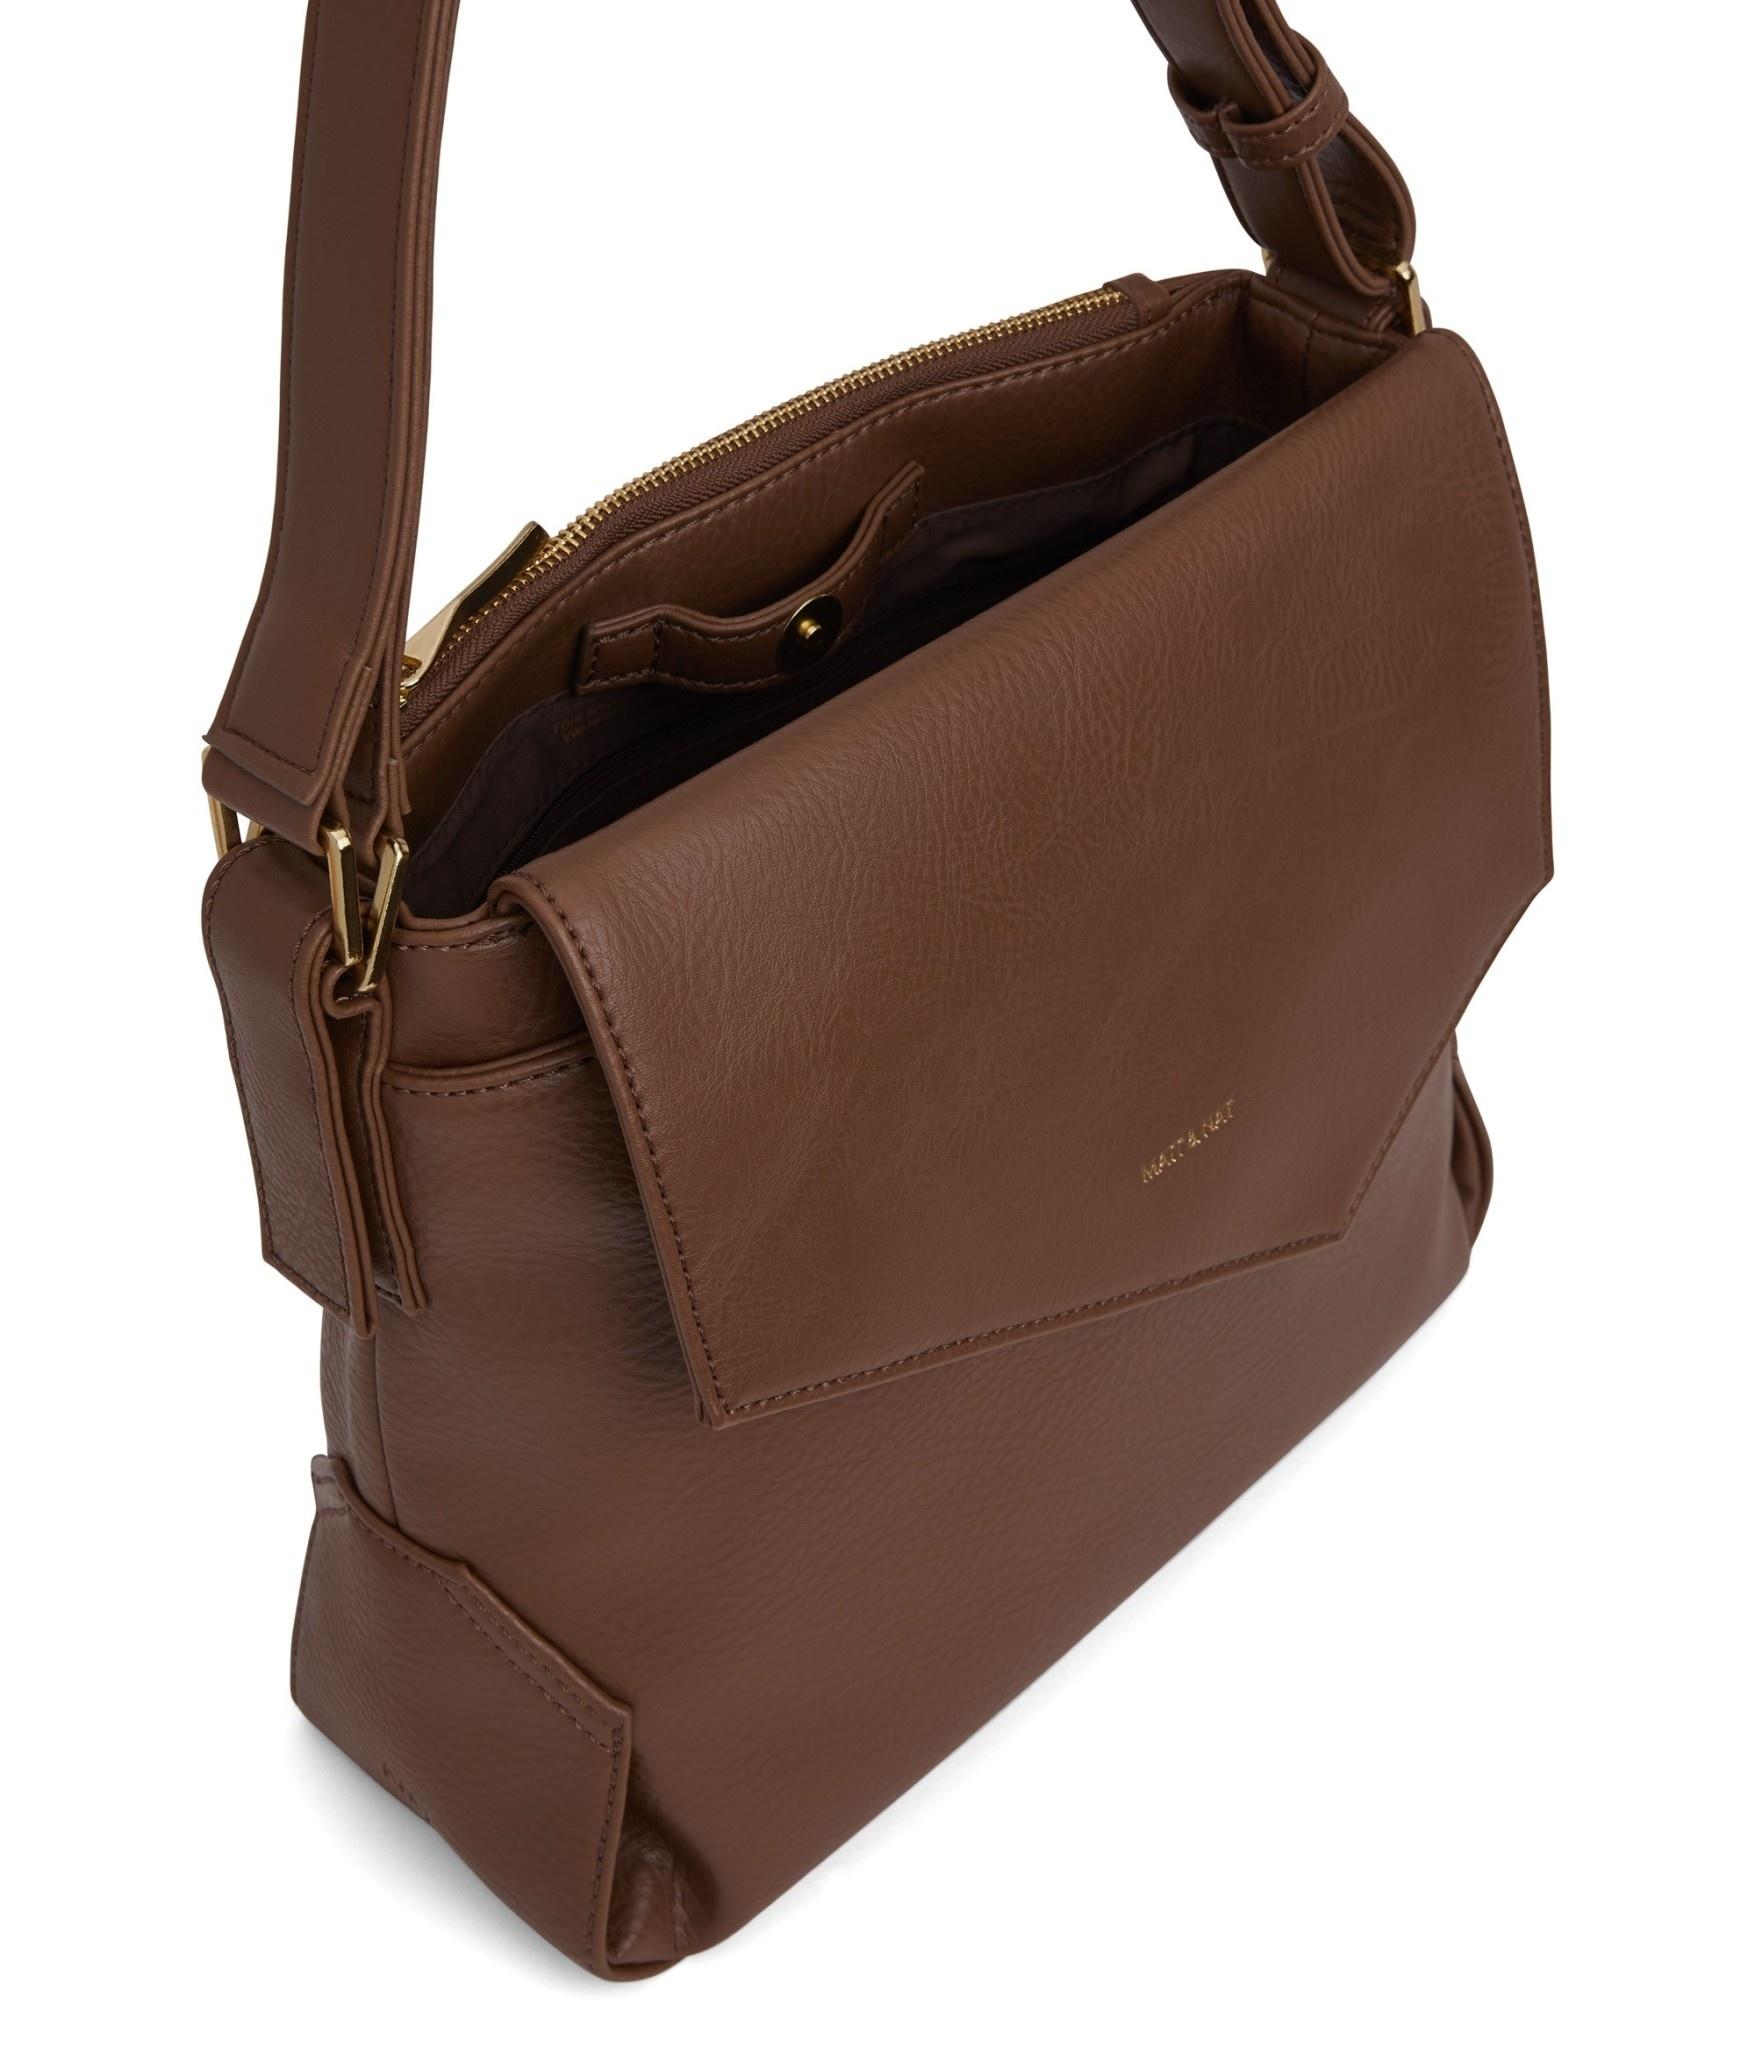 Monkland Dwell Handbag Brown-3